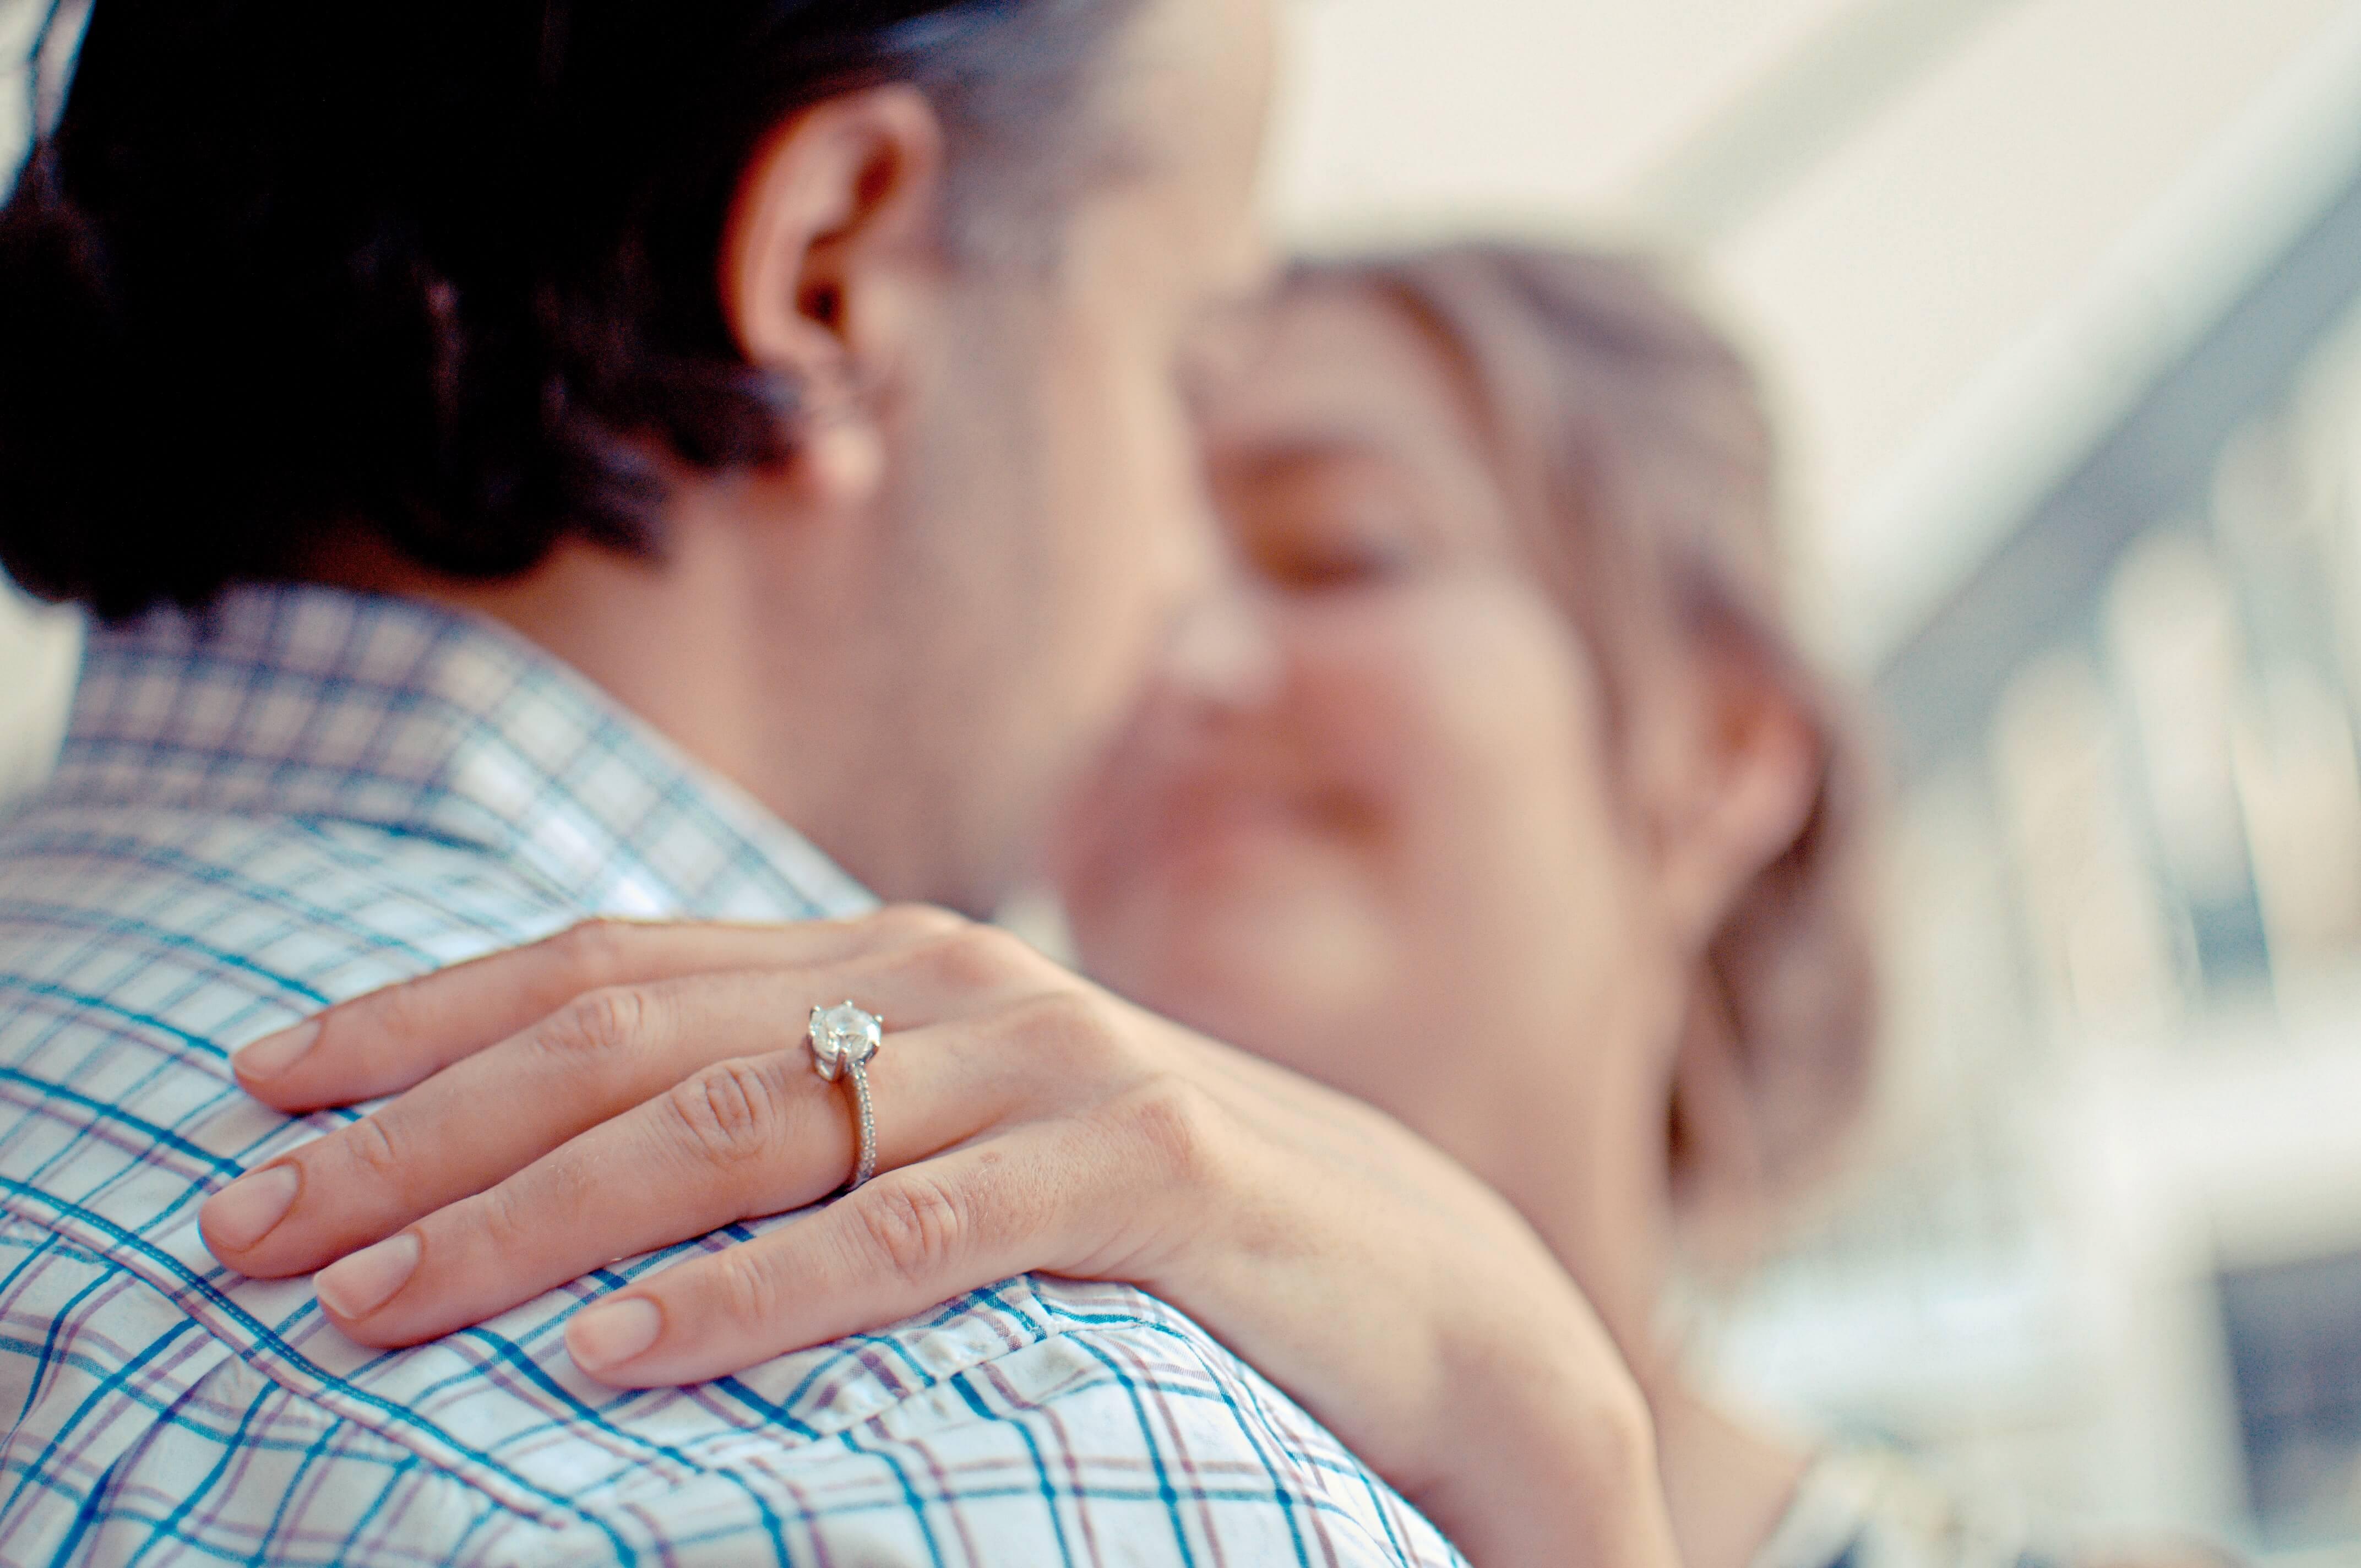 女性と男性が抱擁しあって幸せを享受している